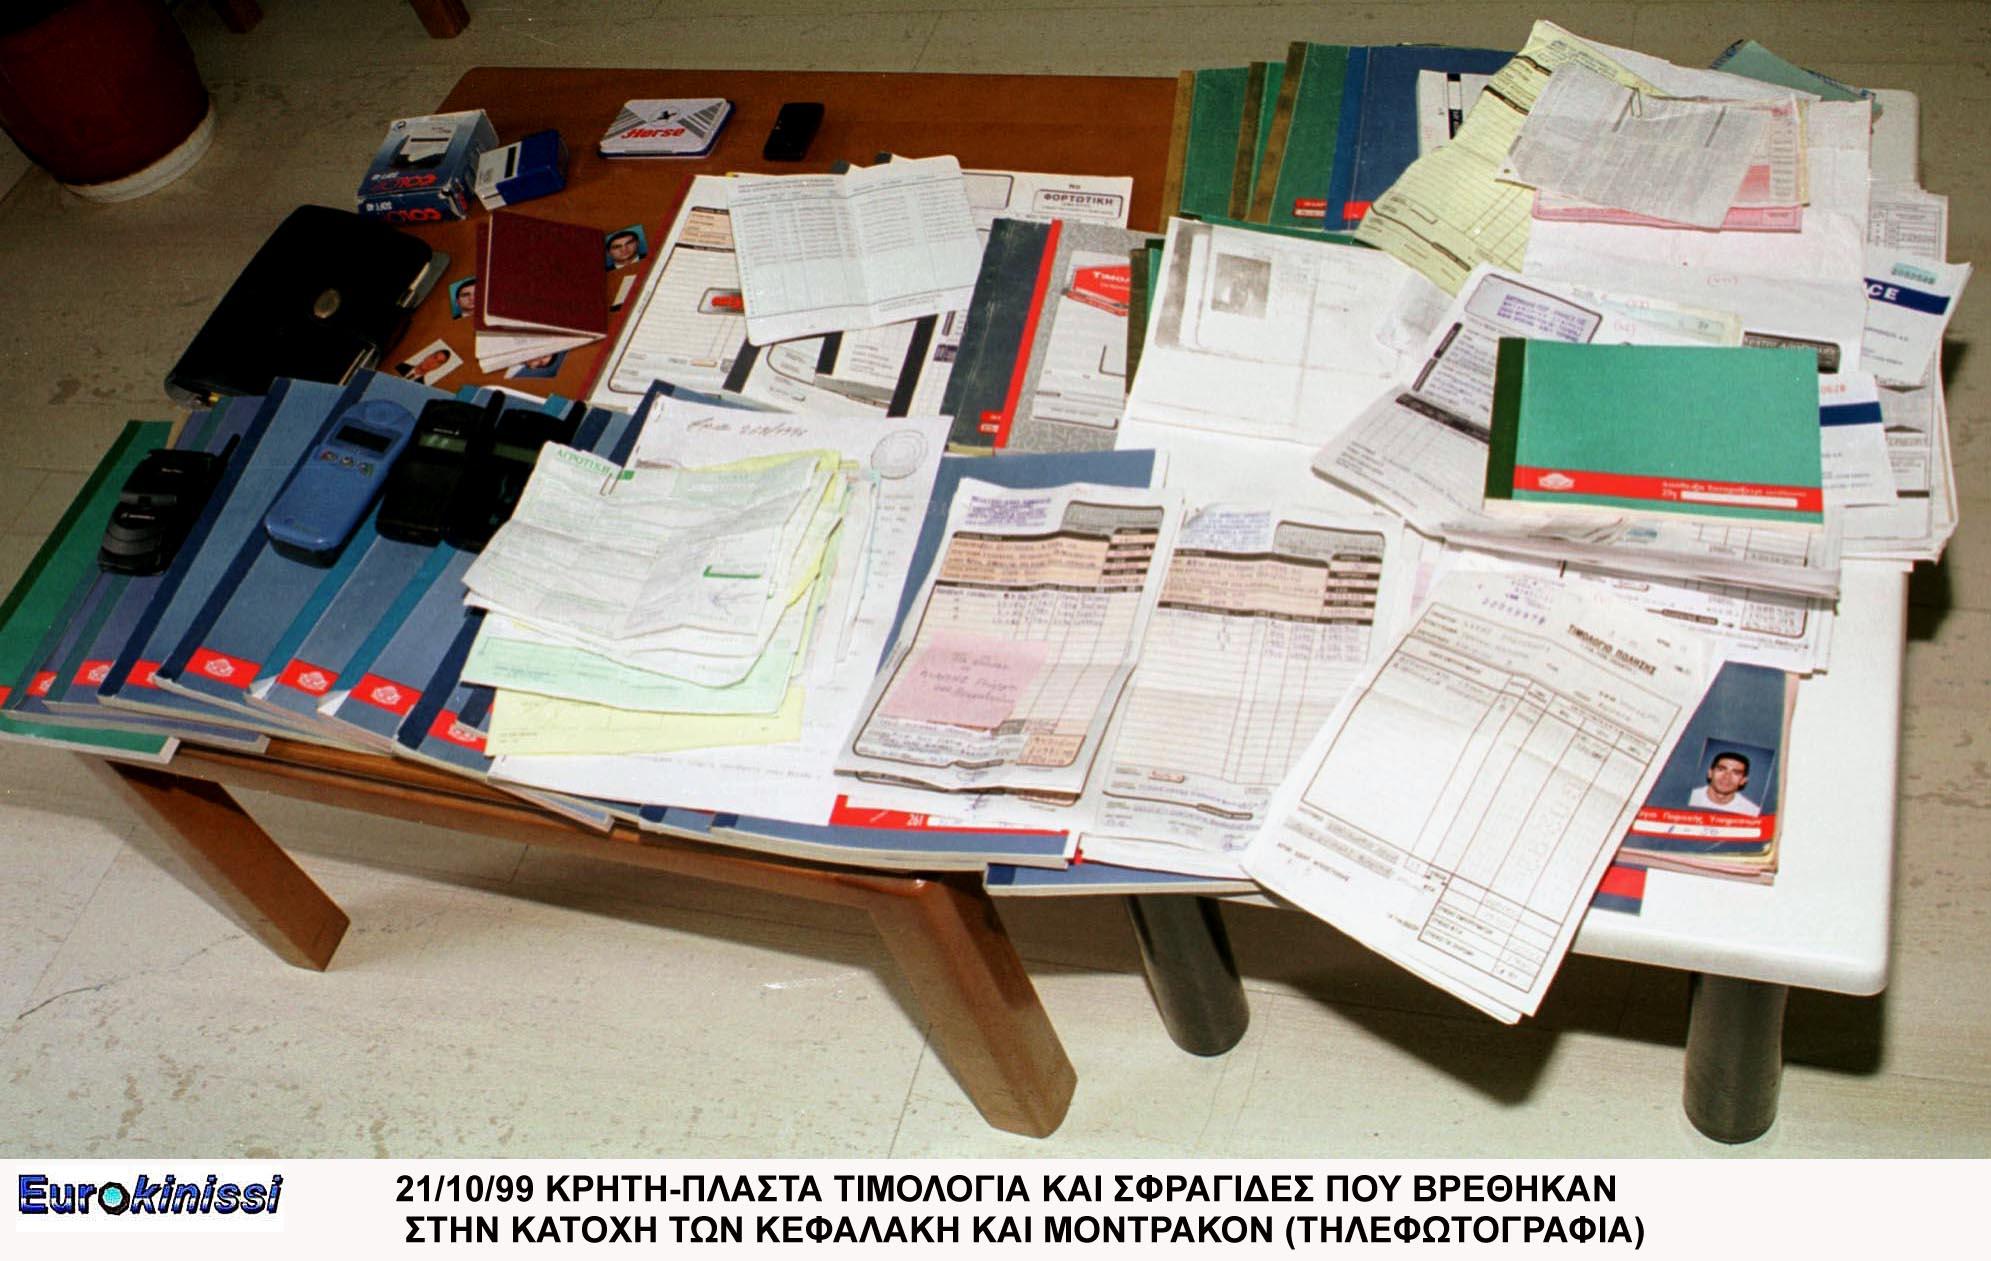 Το σχέδιο Σαββαΐδου για πάταξη της φοροδιαφυγής με χρήση πλαστικού χρήματος | tovima.gr